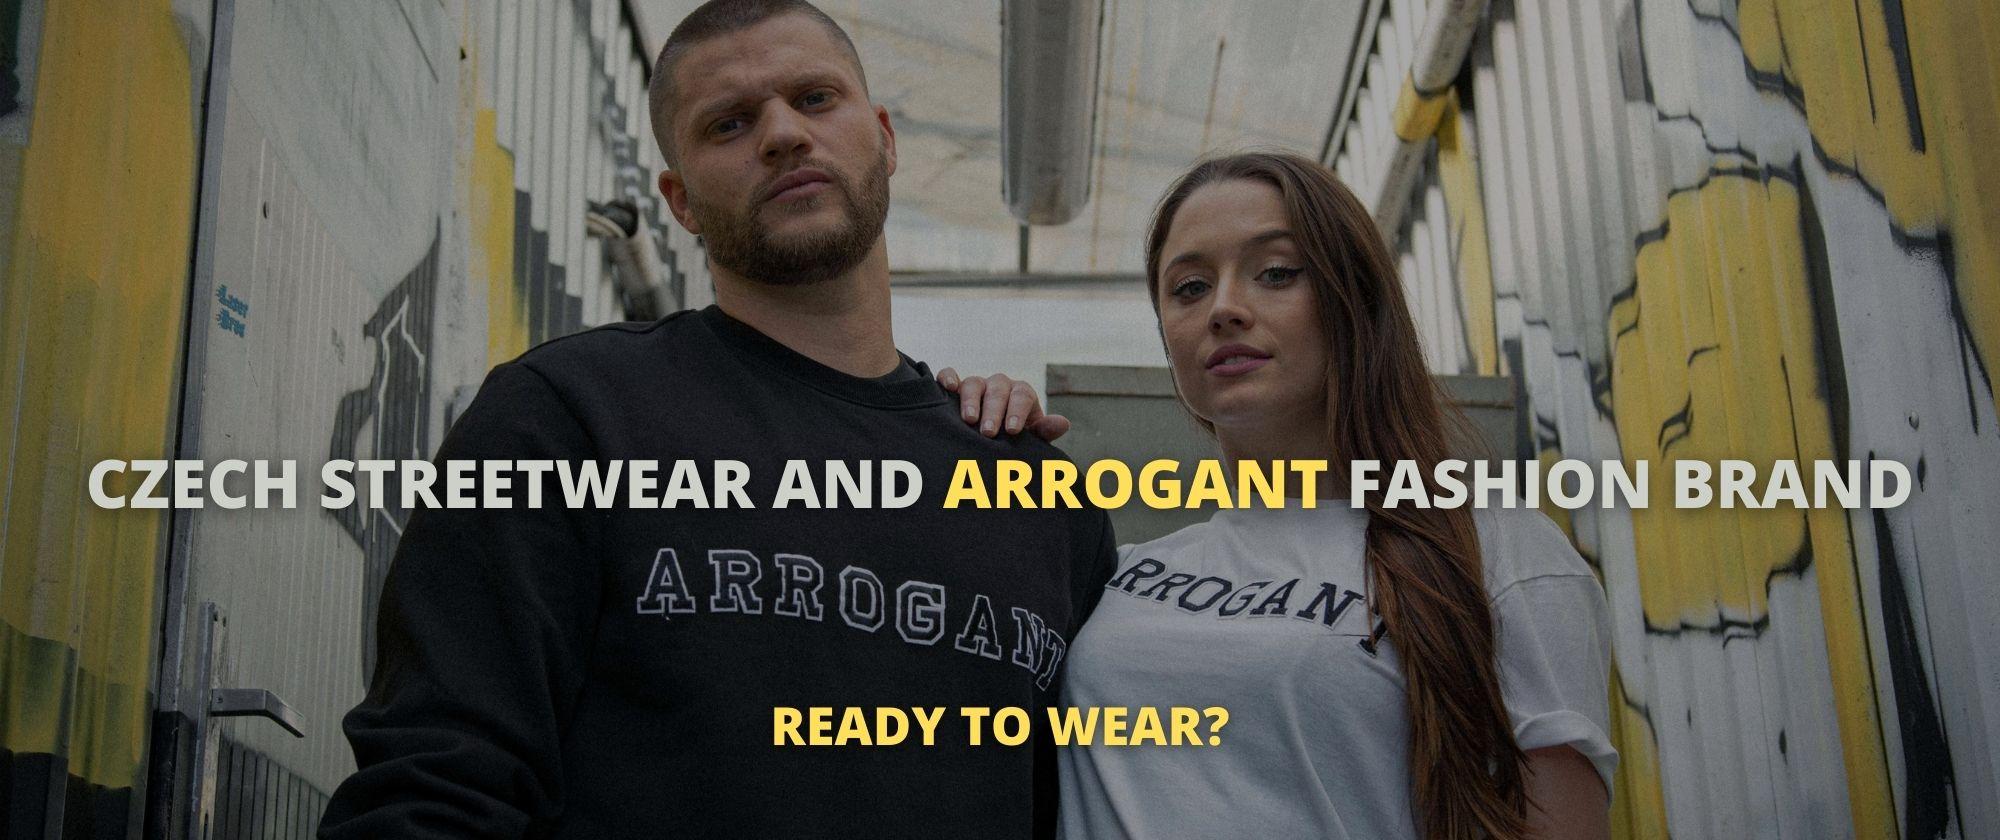 Arrogant úvod